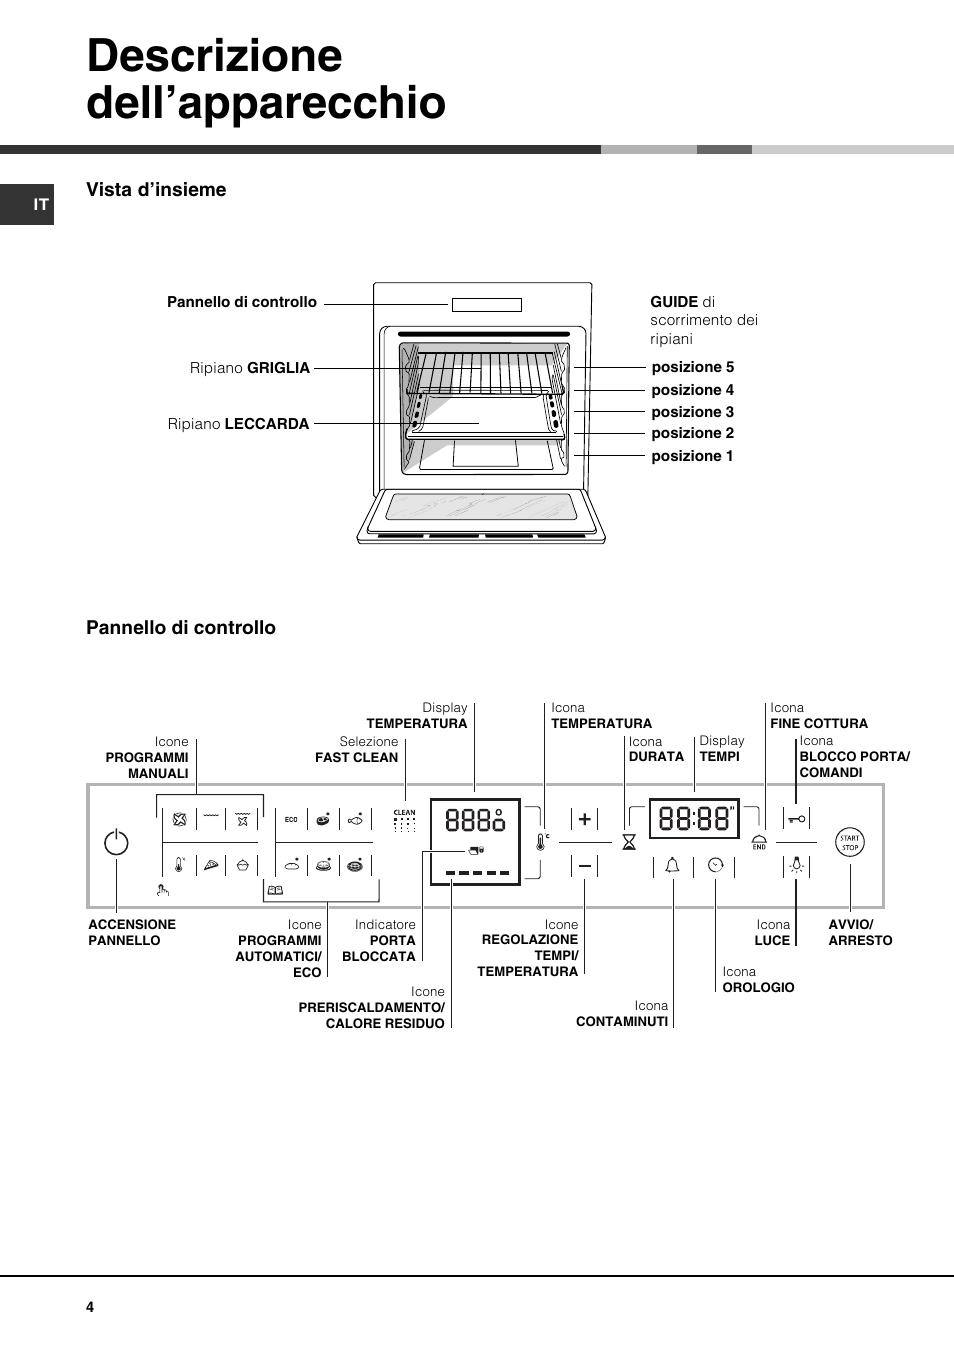 Descrizione dell'apparecchio, Vista d'insieme pannello di